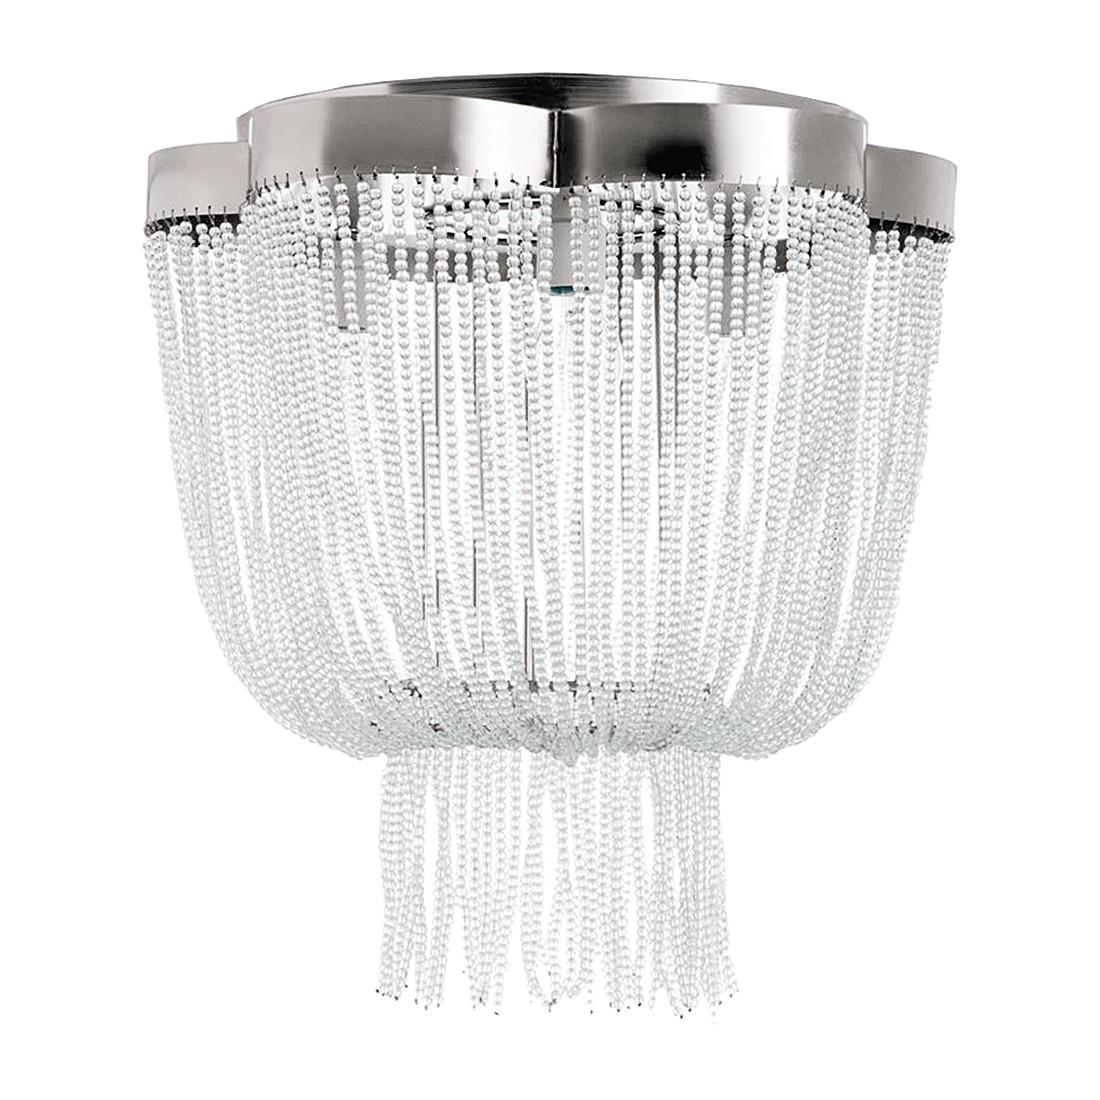 Deckenleuchte – Metall/Glas – Weiß, PureDay bestellen